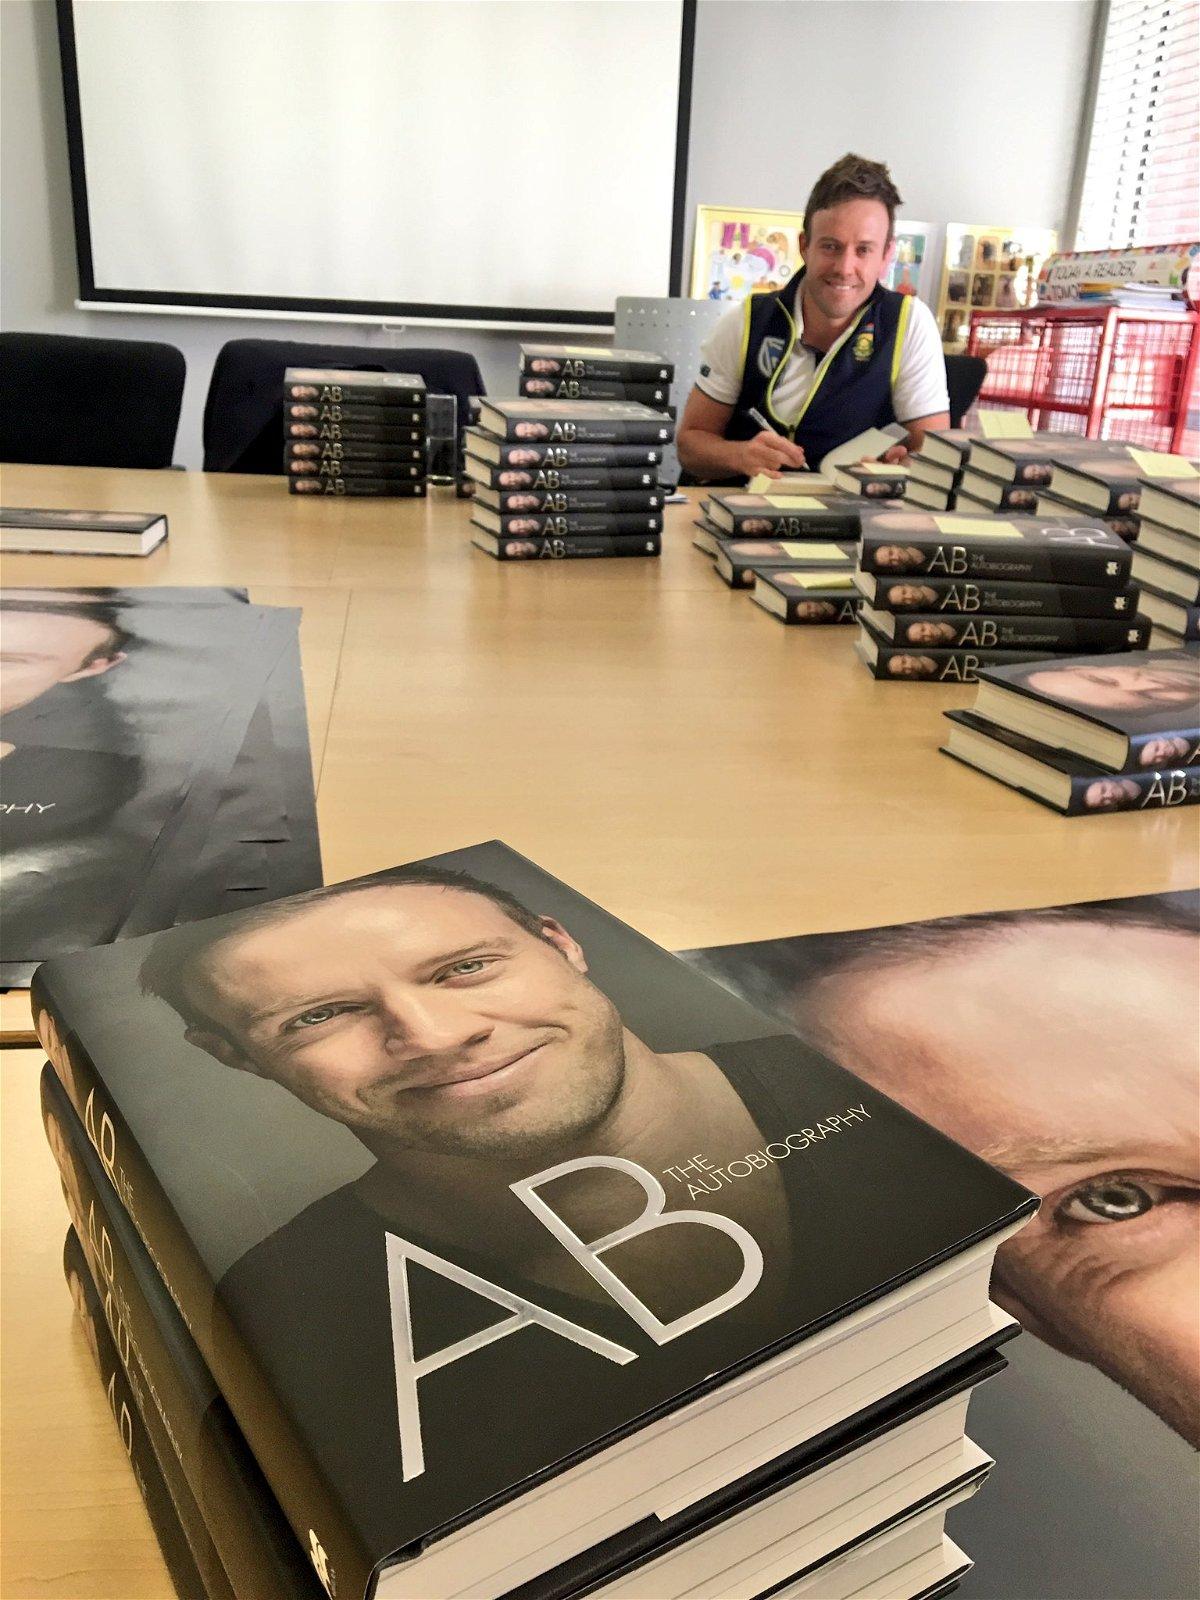 AB De Villiers' autobiography